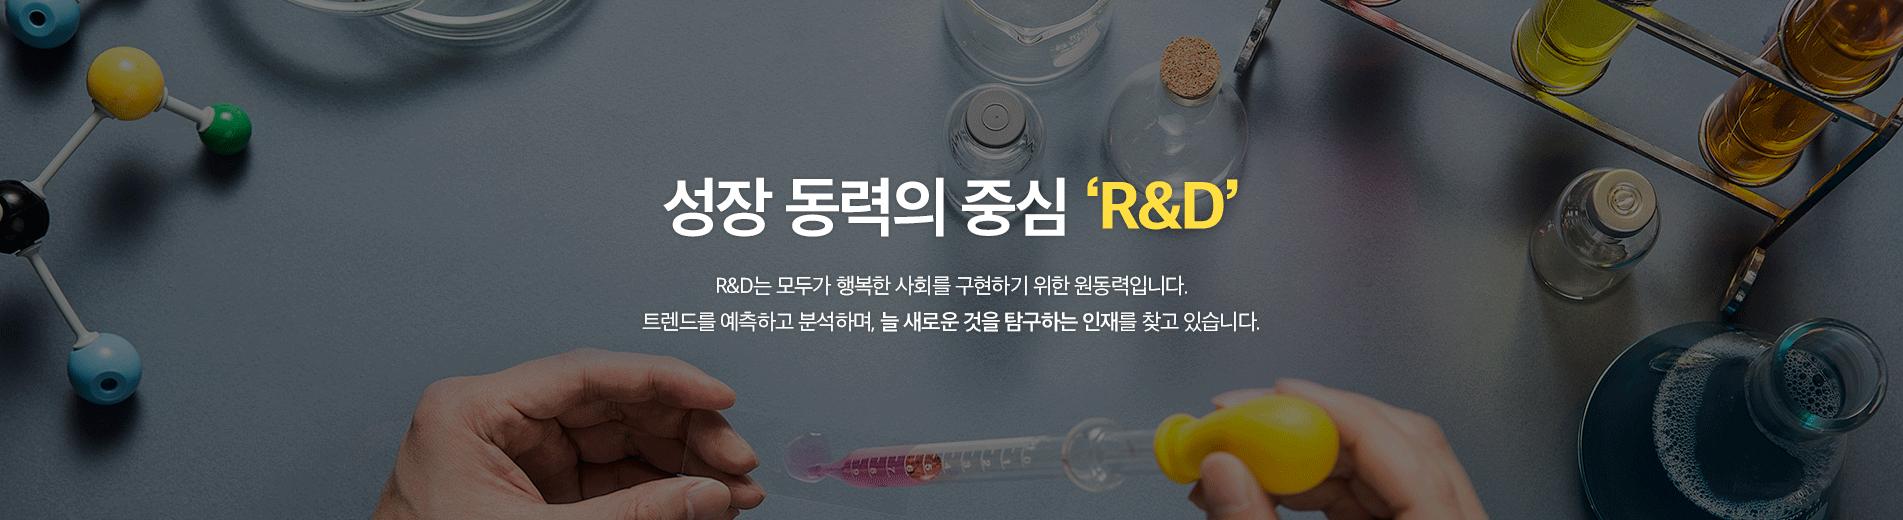 스마트한 R&D 우수기업 채용관